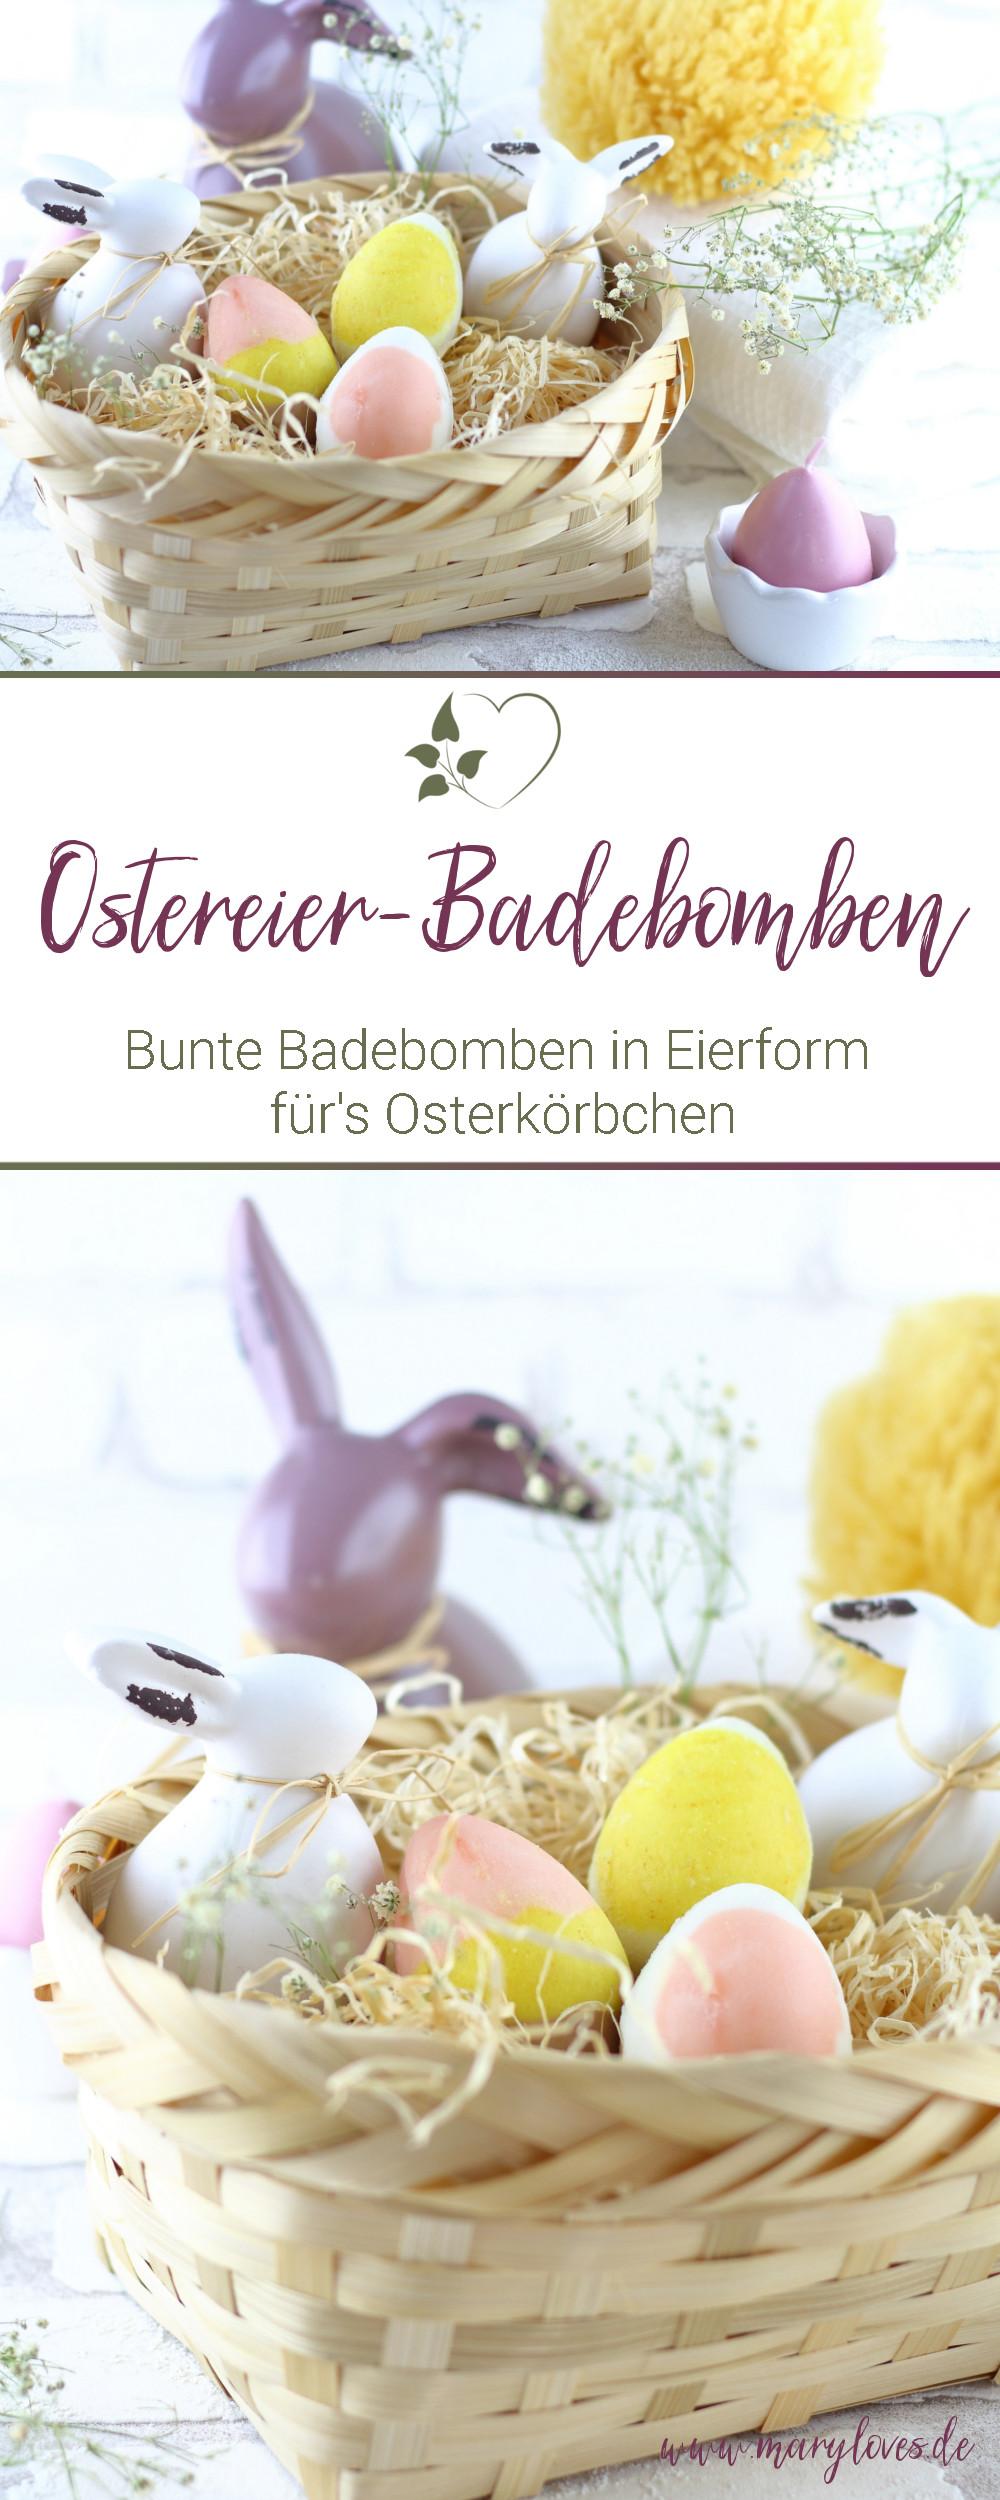 [Werbung unbeauftragt] Bunte Ostereier-Badebomben als selbstgemachtes Ostergeschenk - #ostereierbadebomben #osterei #ostern #ostergeschenk #osterbadebombe #badebombe #badezusatz #diybadebomben